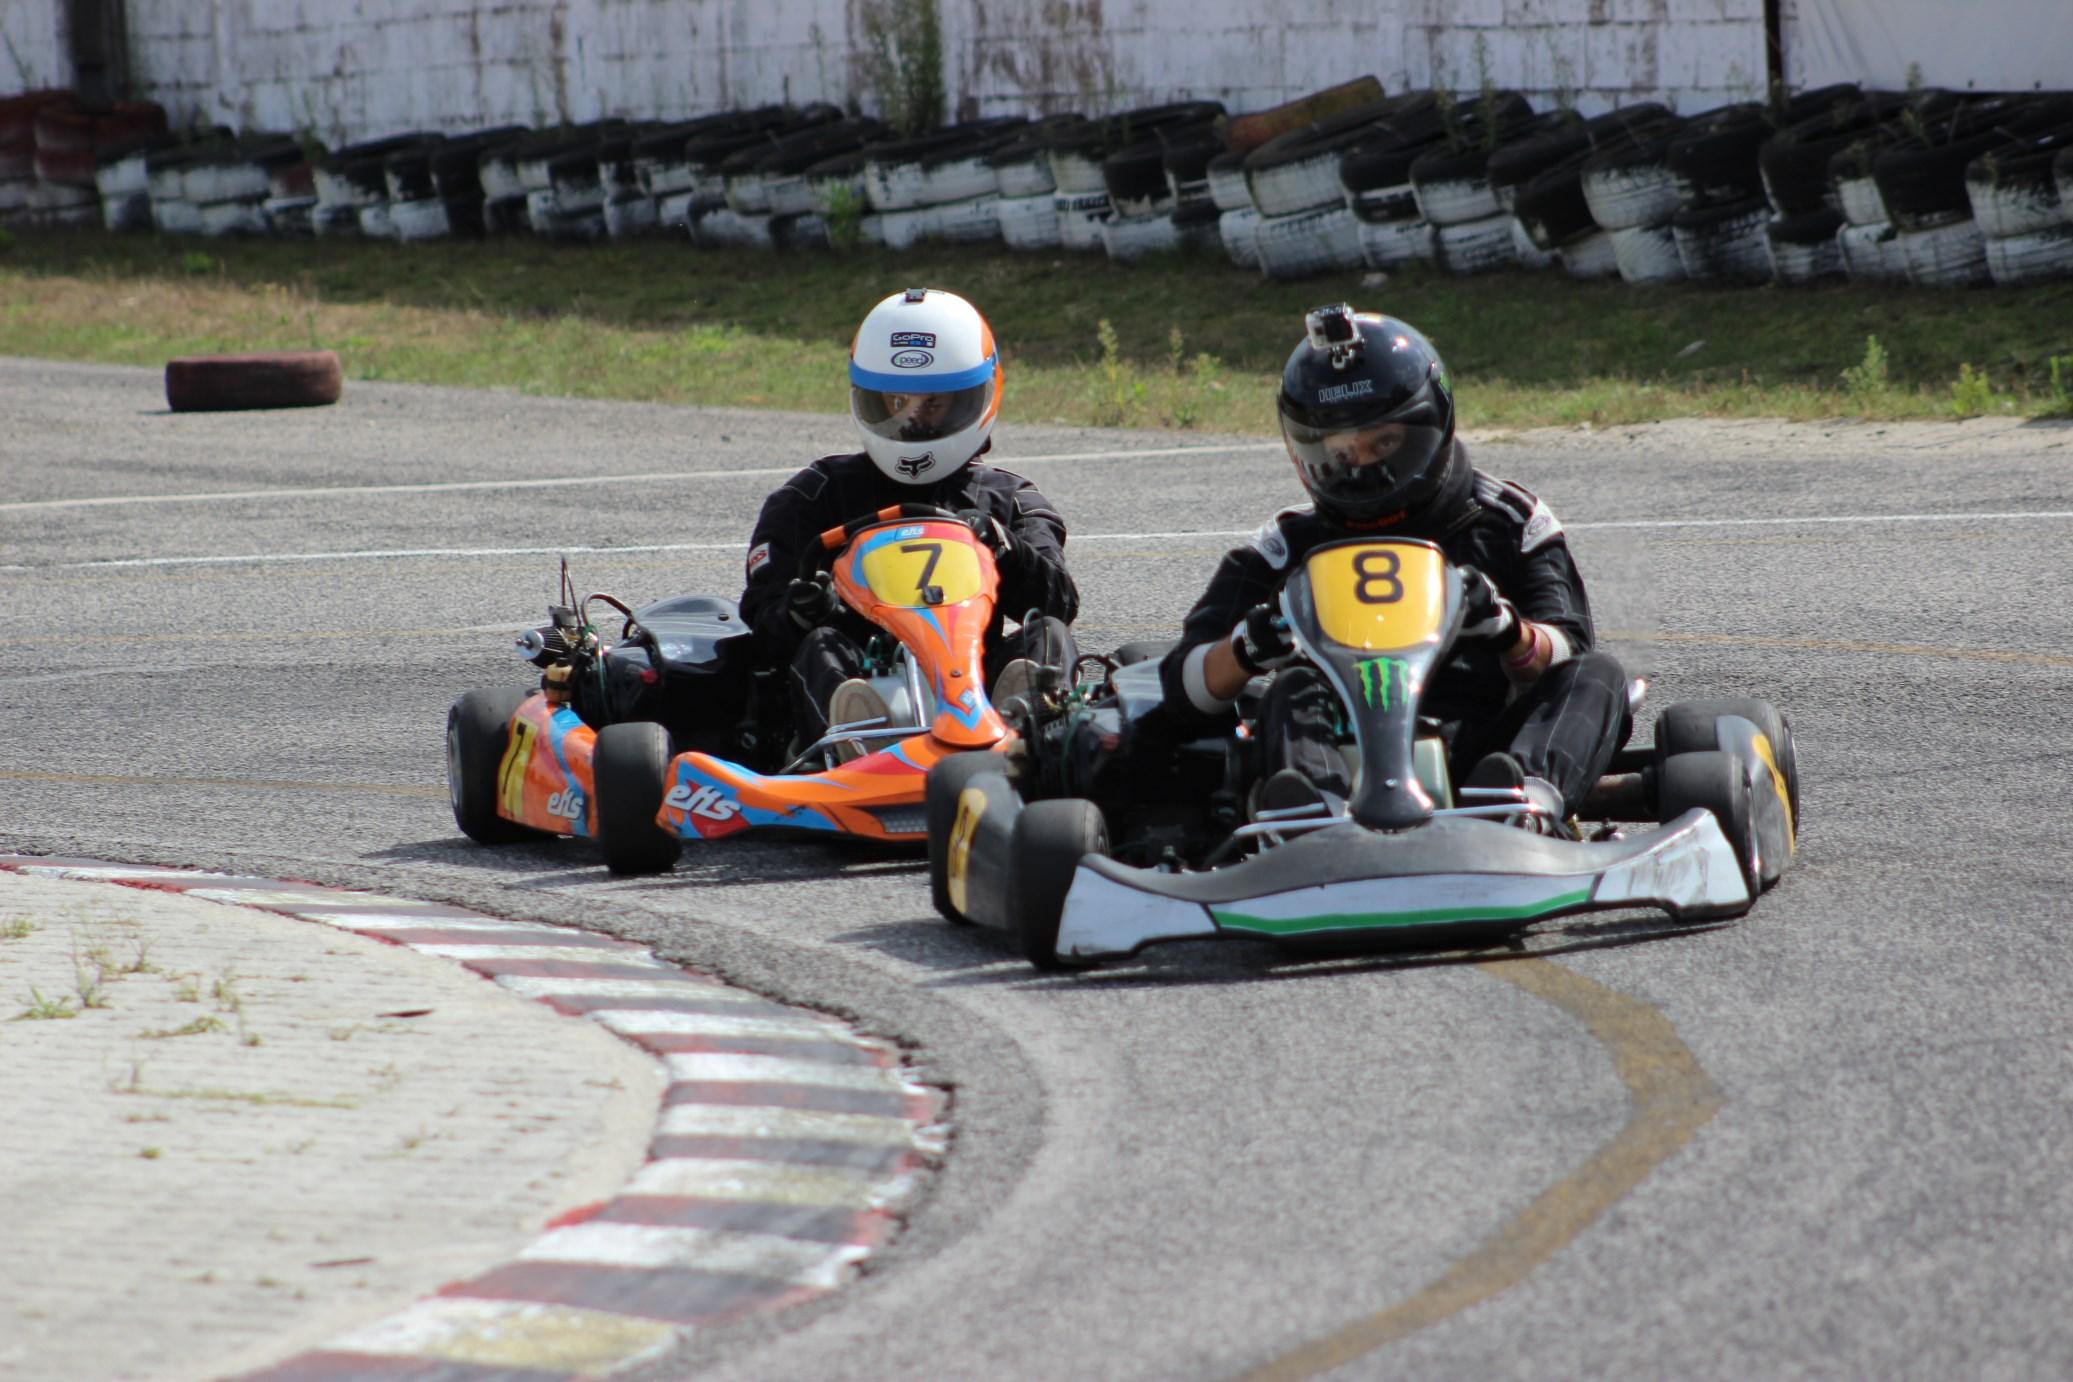 Troféu Honda 2014 - 3ª Prova163